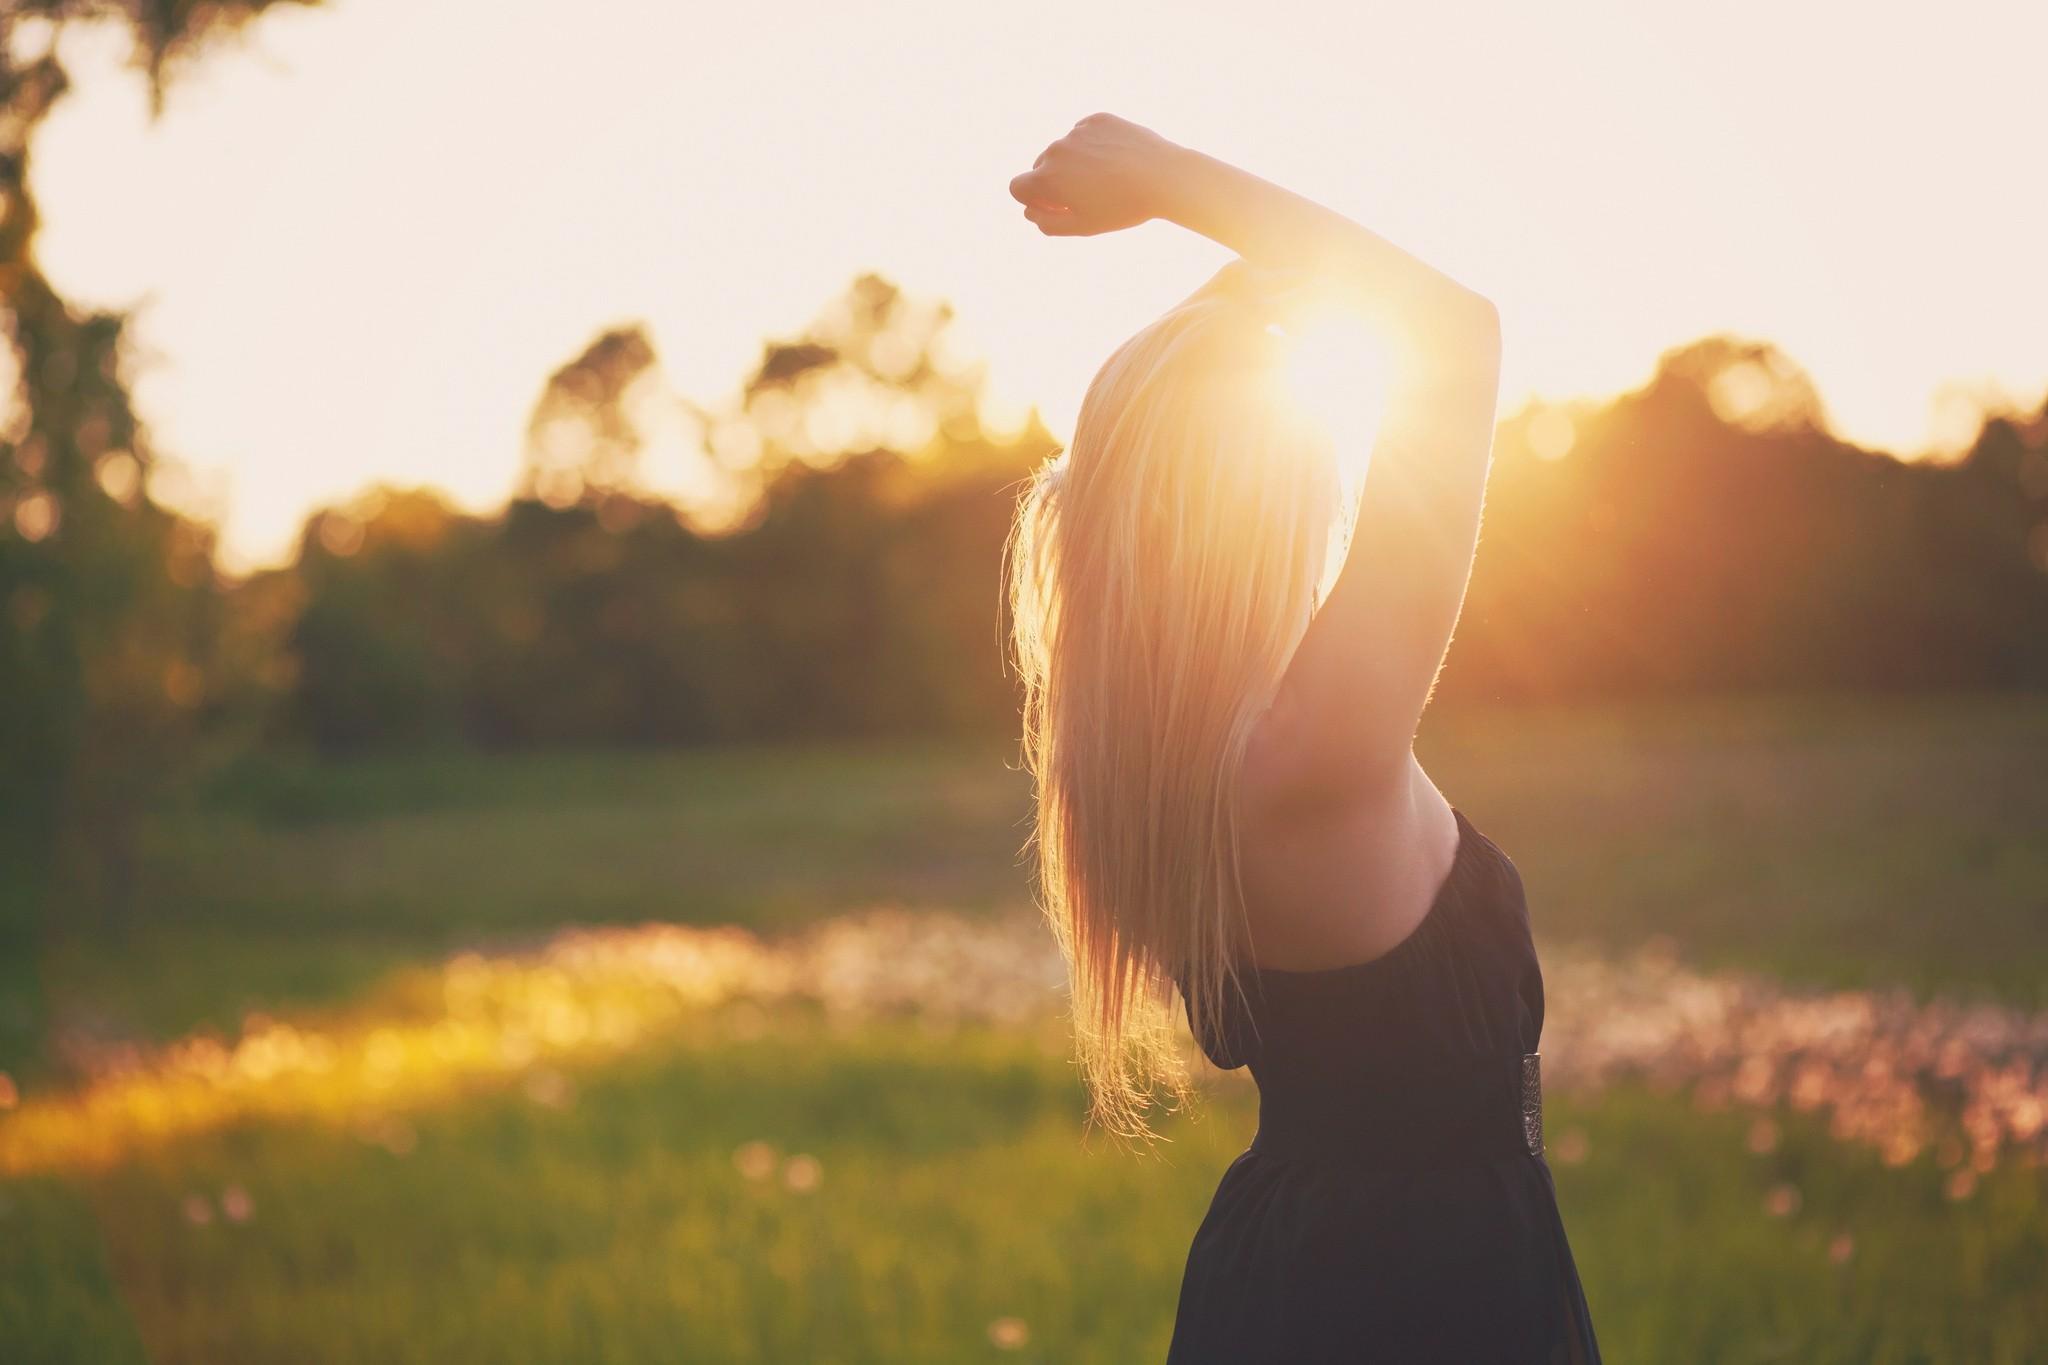 Много красивых фотографий девушек со спины на аву, блондинки и брюнетки 12